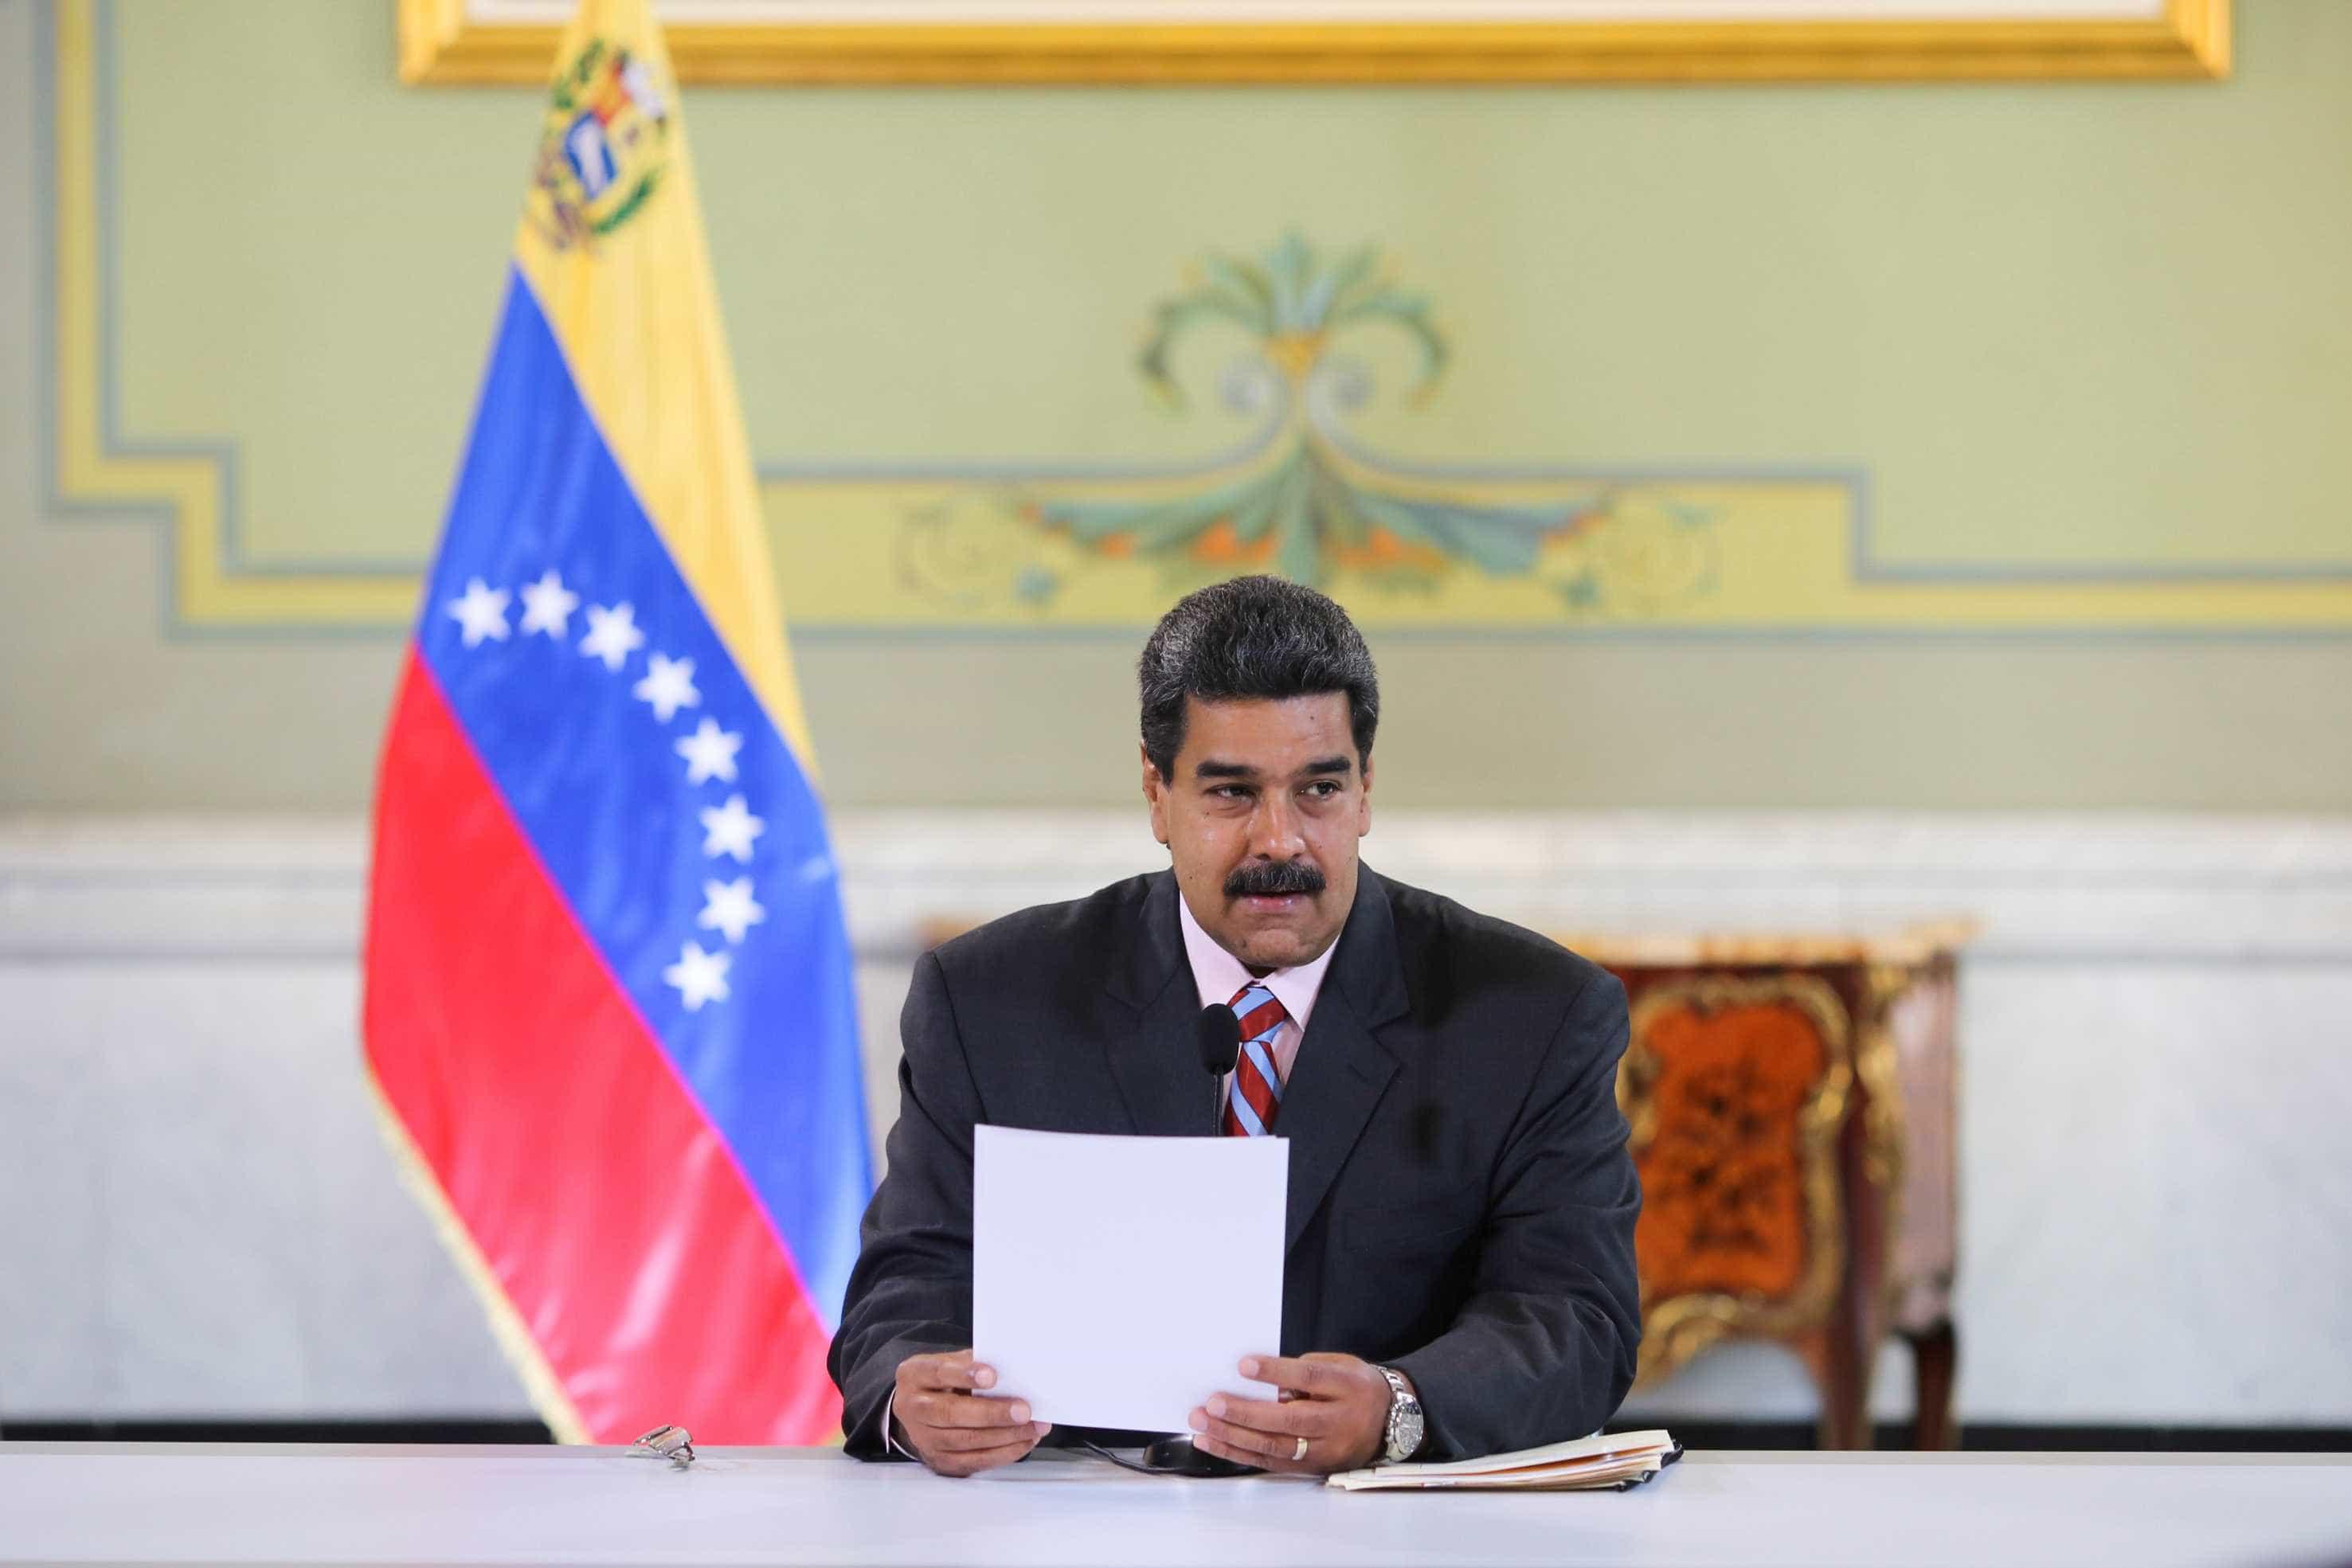 Acusado de suposto ataque a Maduro morre em prisão na Venezuela